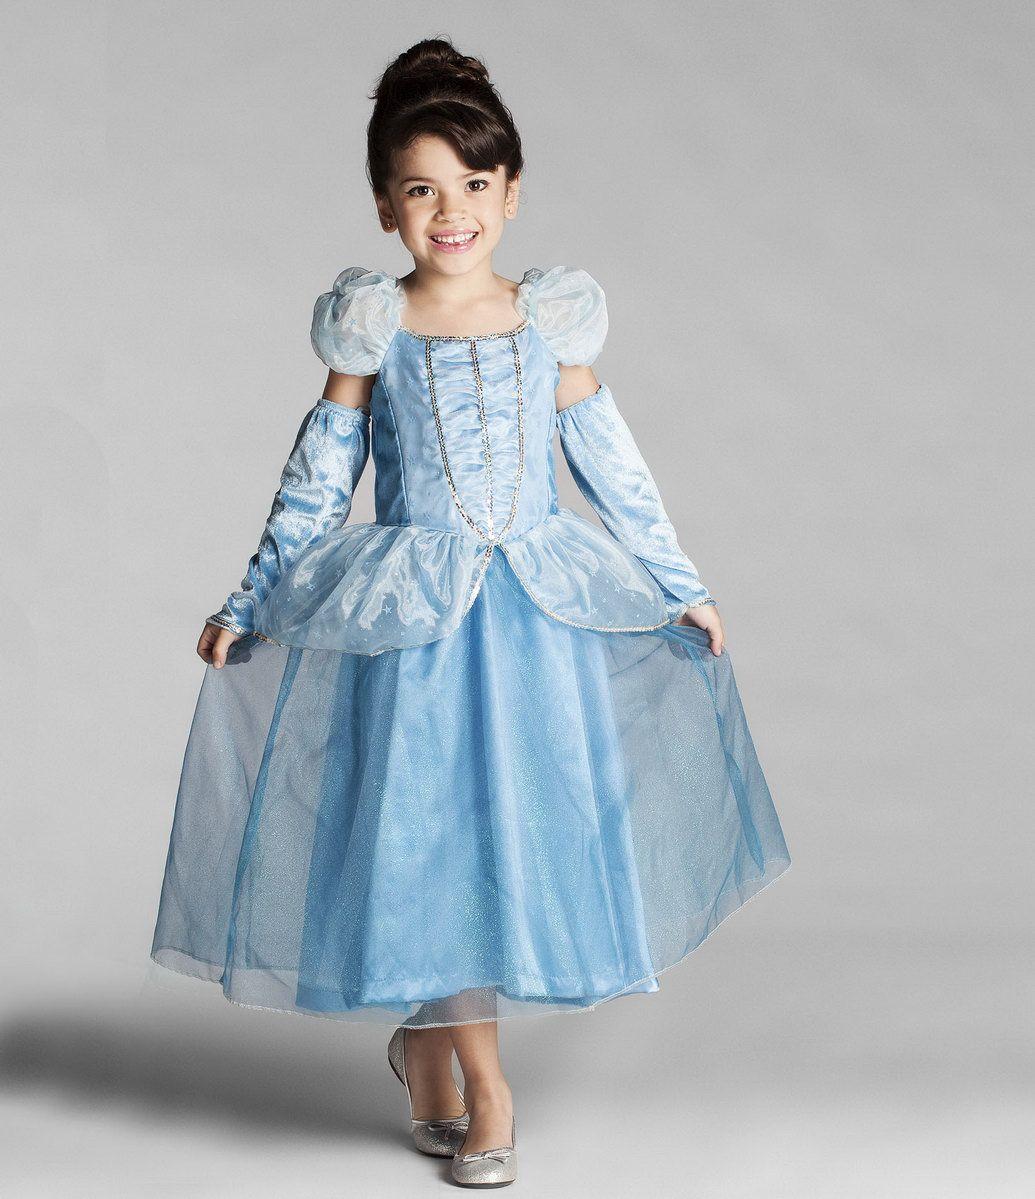 fantasia infantil vestido princesa cinderela com luvas tam 2 a 10